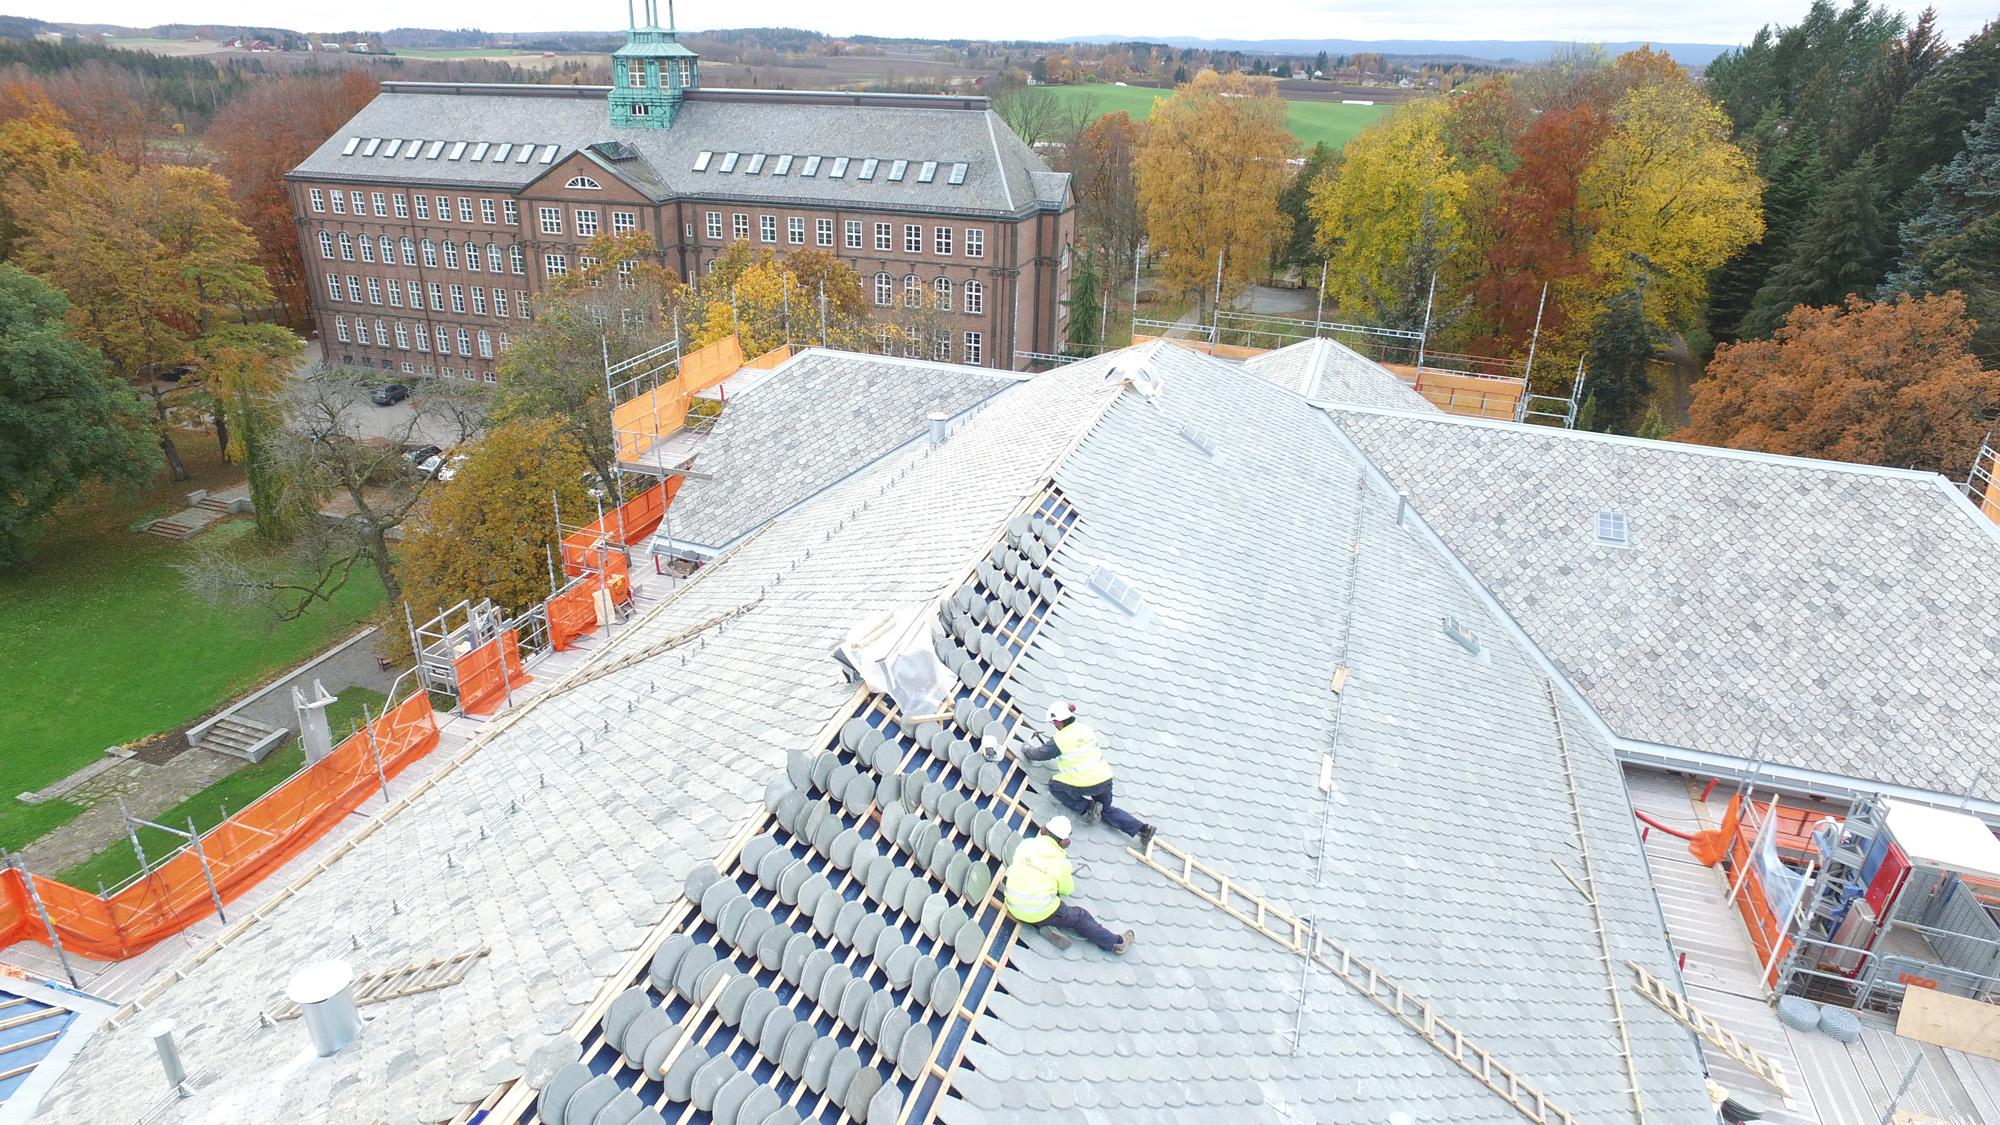 Blikkenslager oslo blikkenslager i oslo taktekker-blikkenslager i Oslo